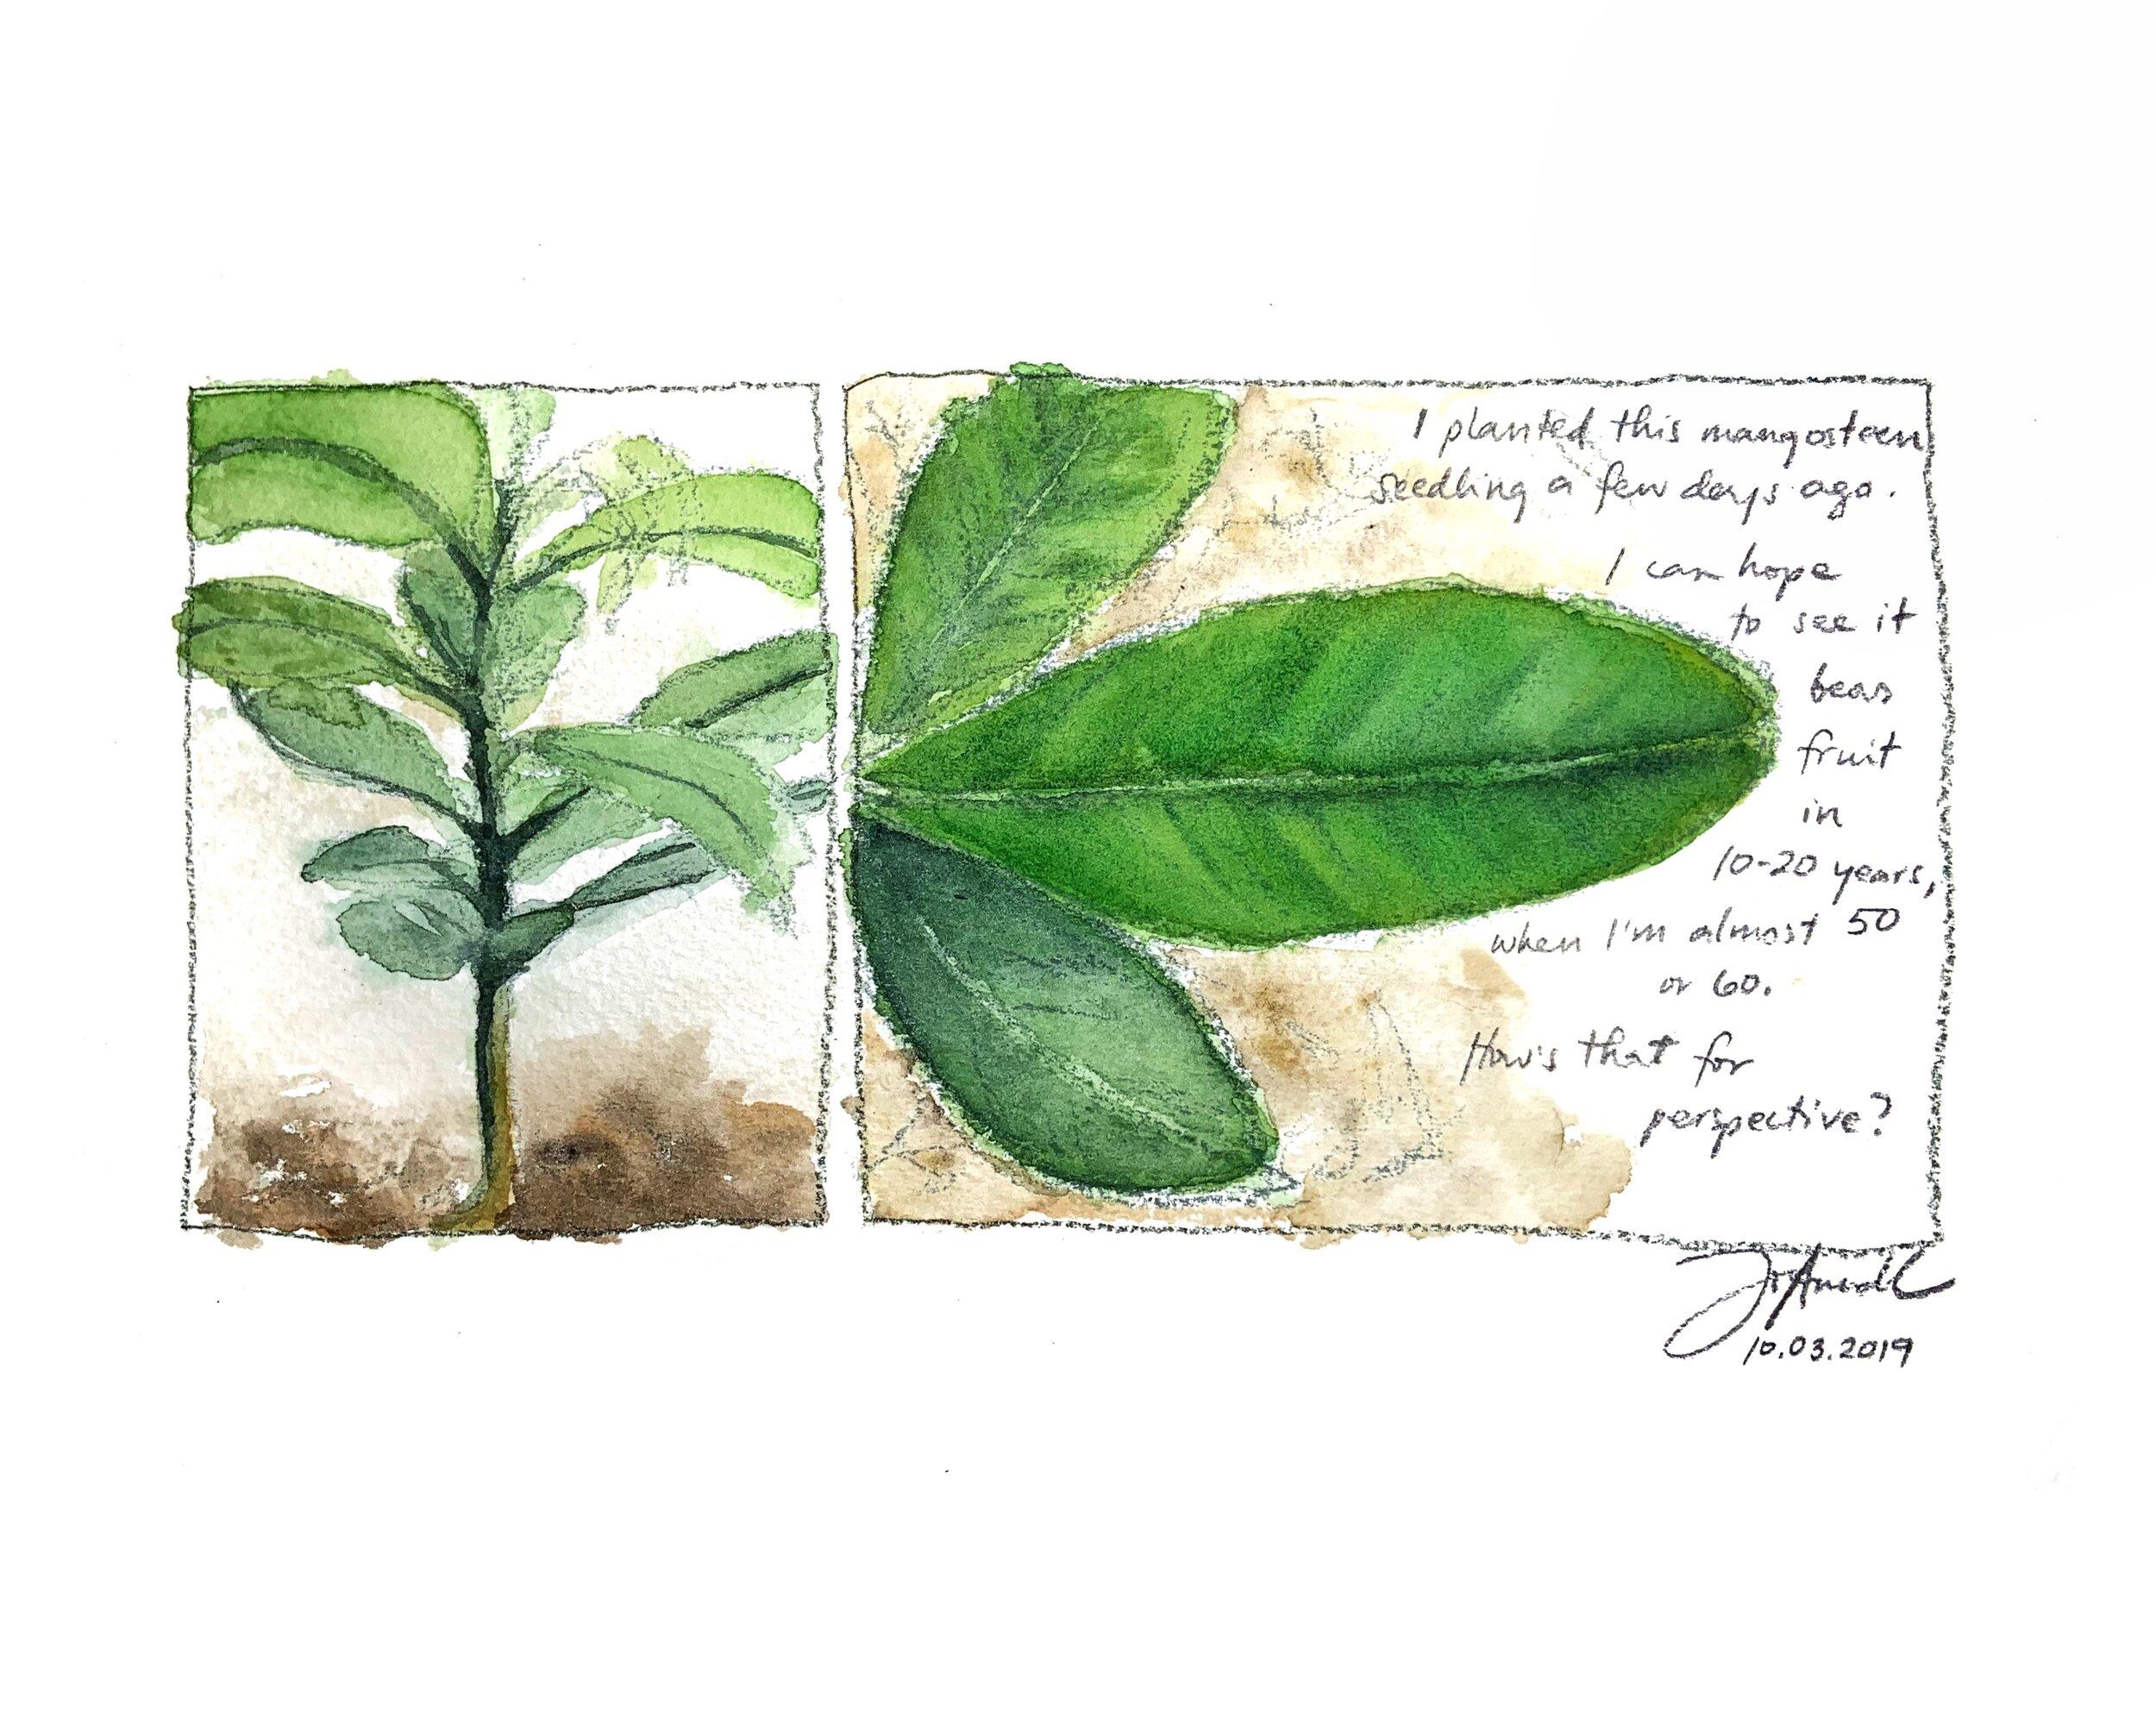 a mangosteen seedling